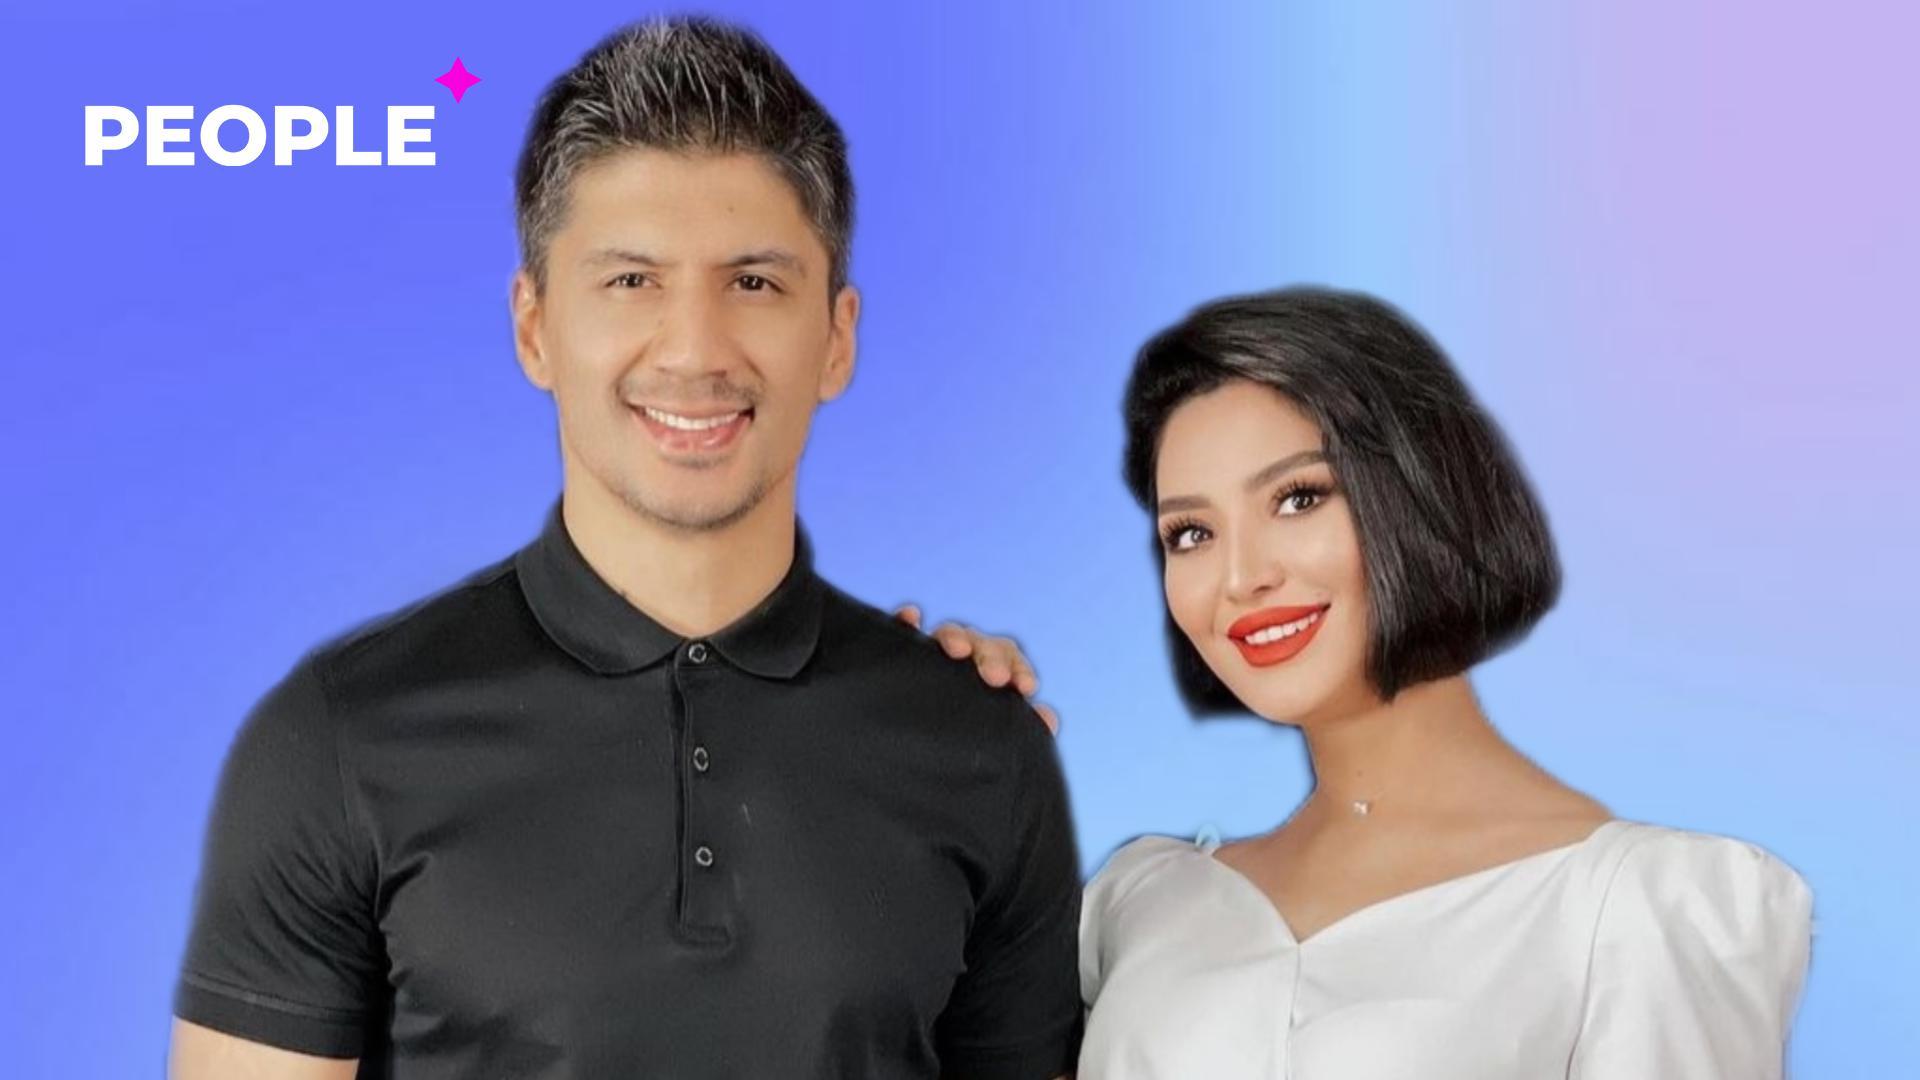 Йигитали Мамаджанов и Мукаддас Садуллаева стали владельцами столичного отеля